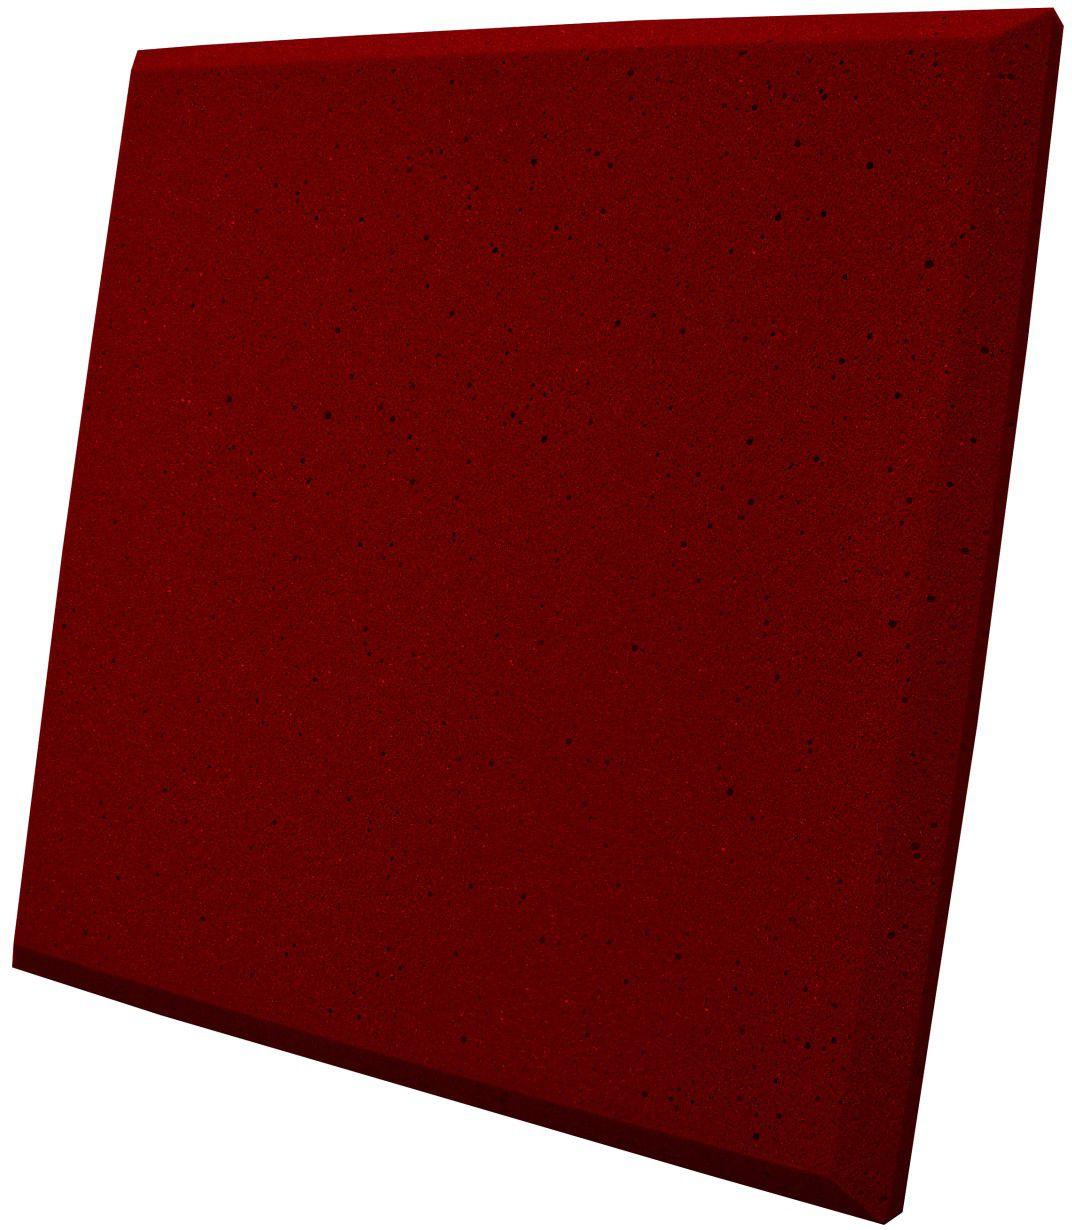 Espuma acústica Linha REV - P - Vermelho - Kit 4 peças (1m²) 30mm  - Loja SPL Acústica